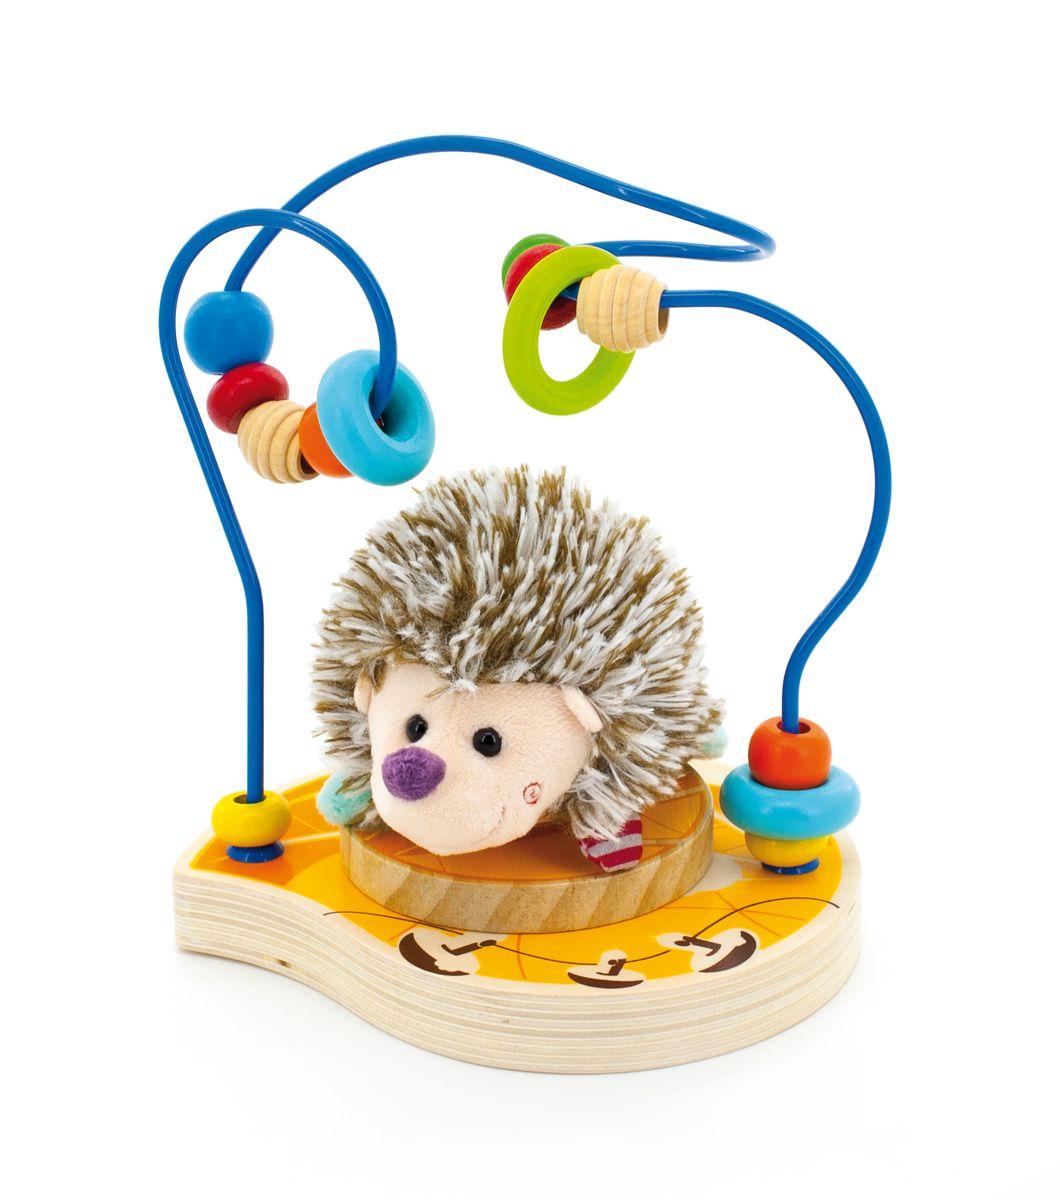 Мир деревянных игрушек Лабиринт ЕжикД385Лабиринт привлечет внимание ребенка яркими цветами и необычной формой. Игрушка представляет собой лабиринт , на которые нанизаны разноцветные бусинки разной формы. Игра способствует развитию логики, воображения, пространственного мышления, развивает координацию, внимание и учит различать цвета и формы.